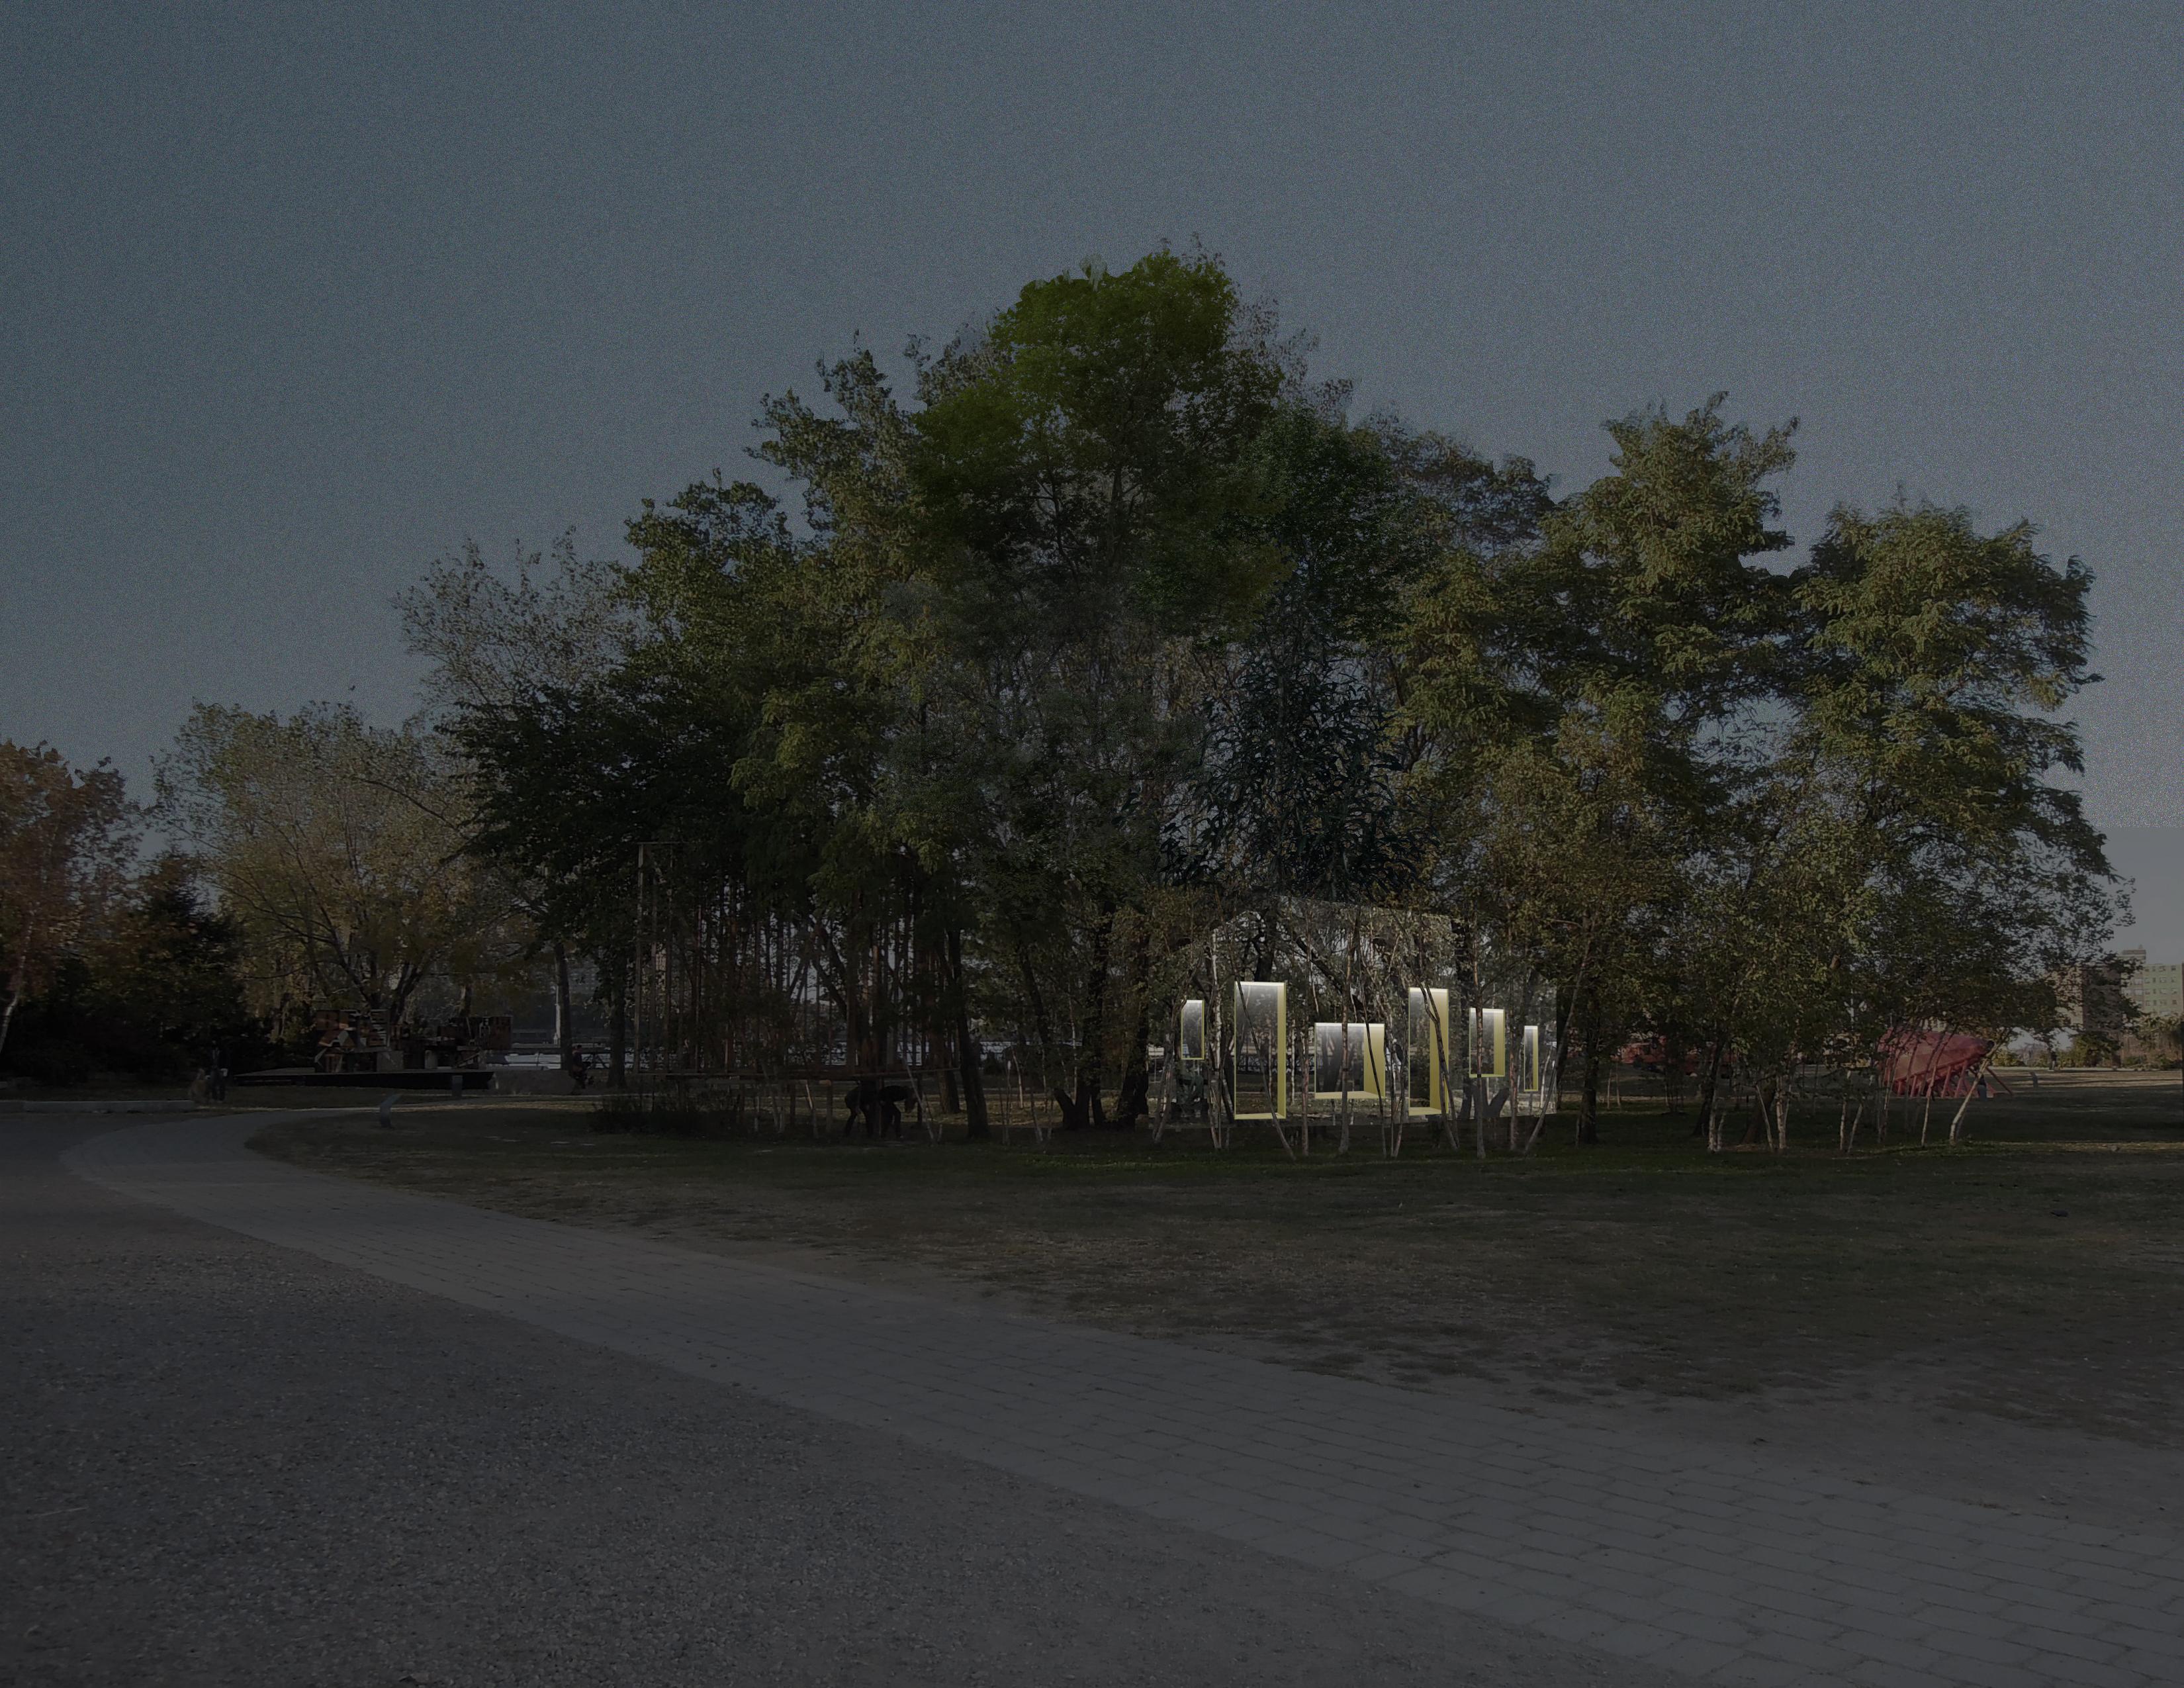 2014-04-18-barn4.jpg